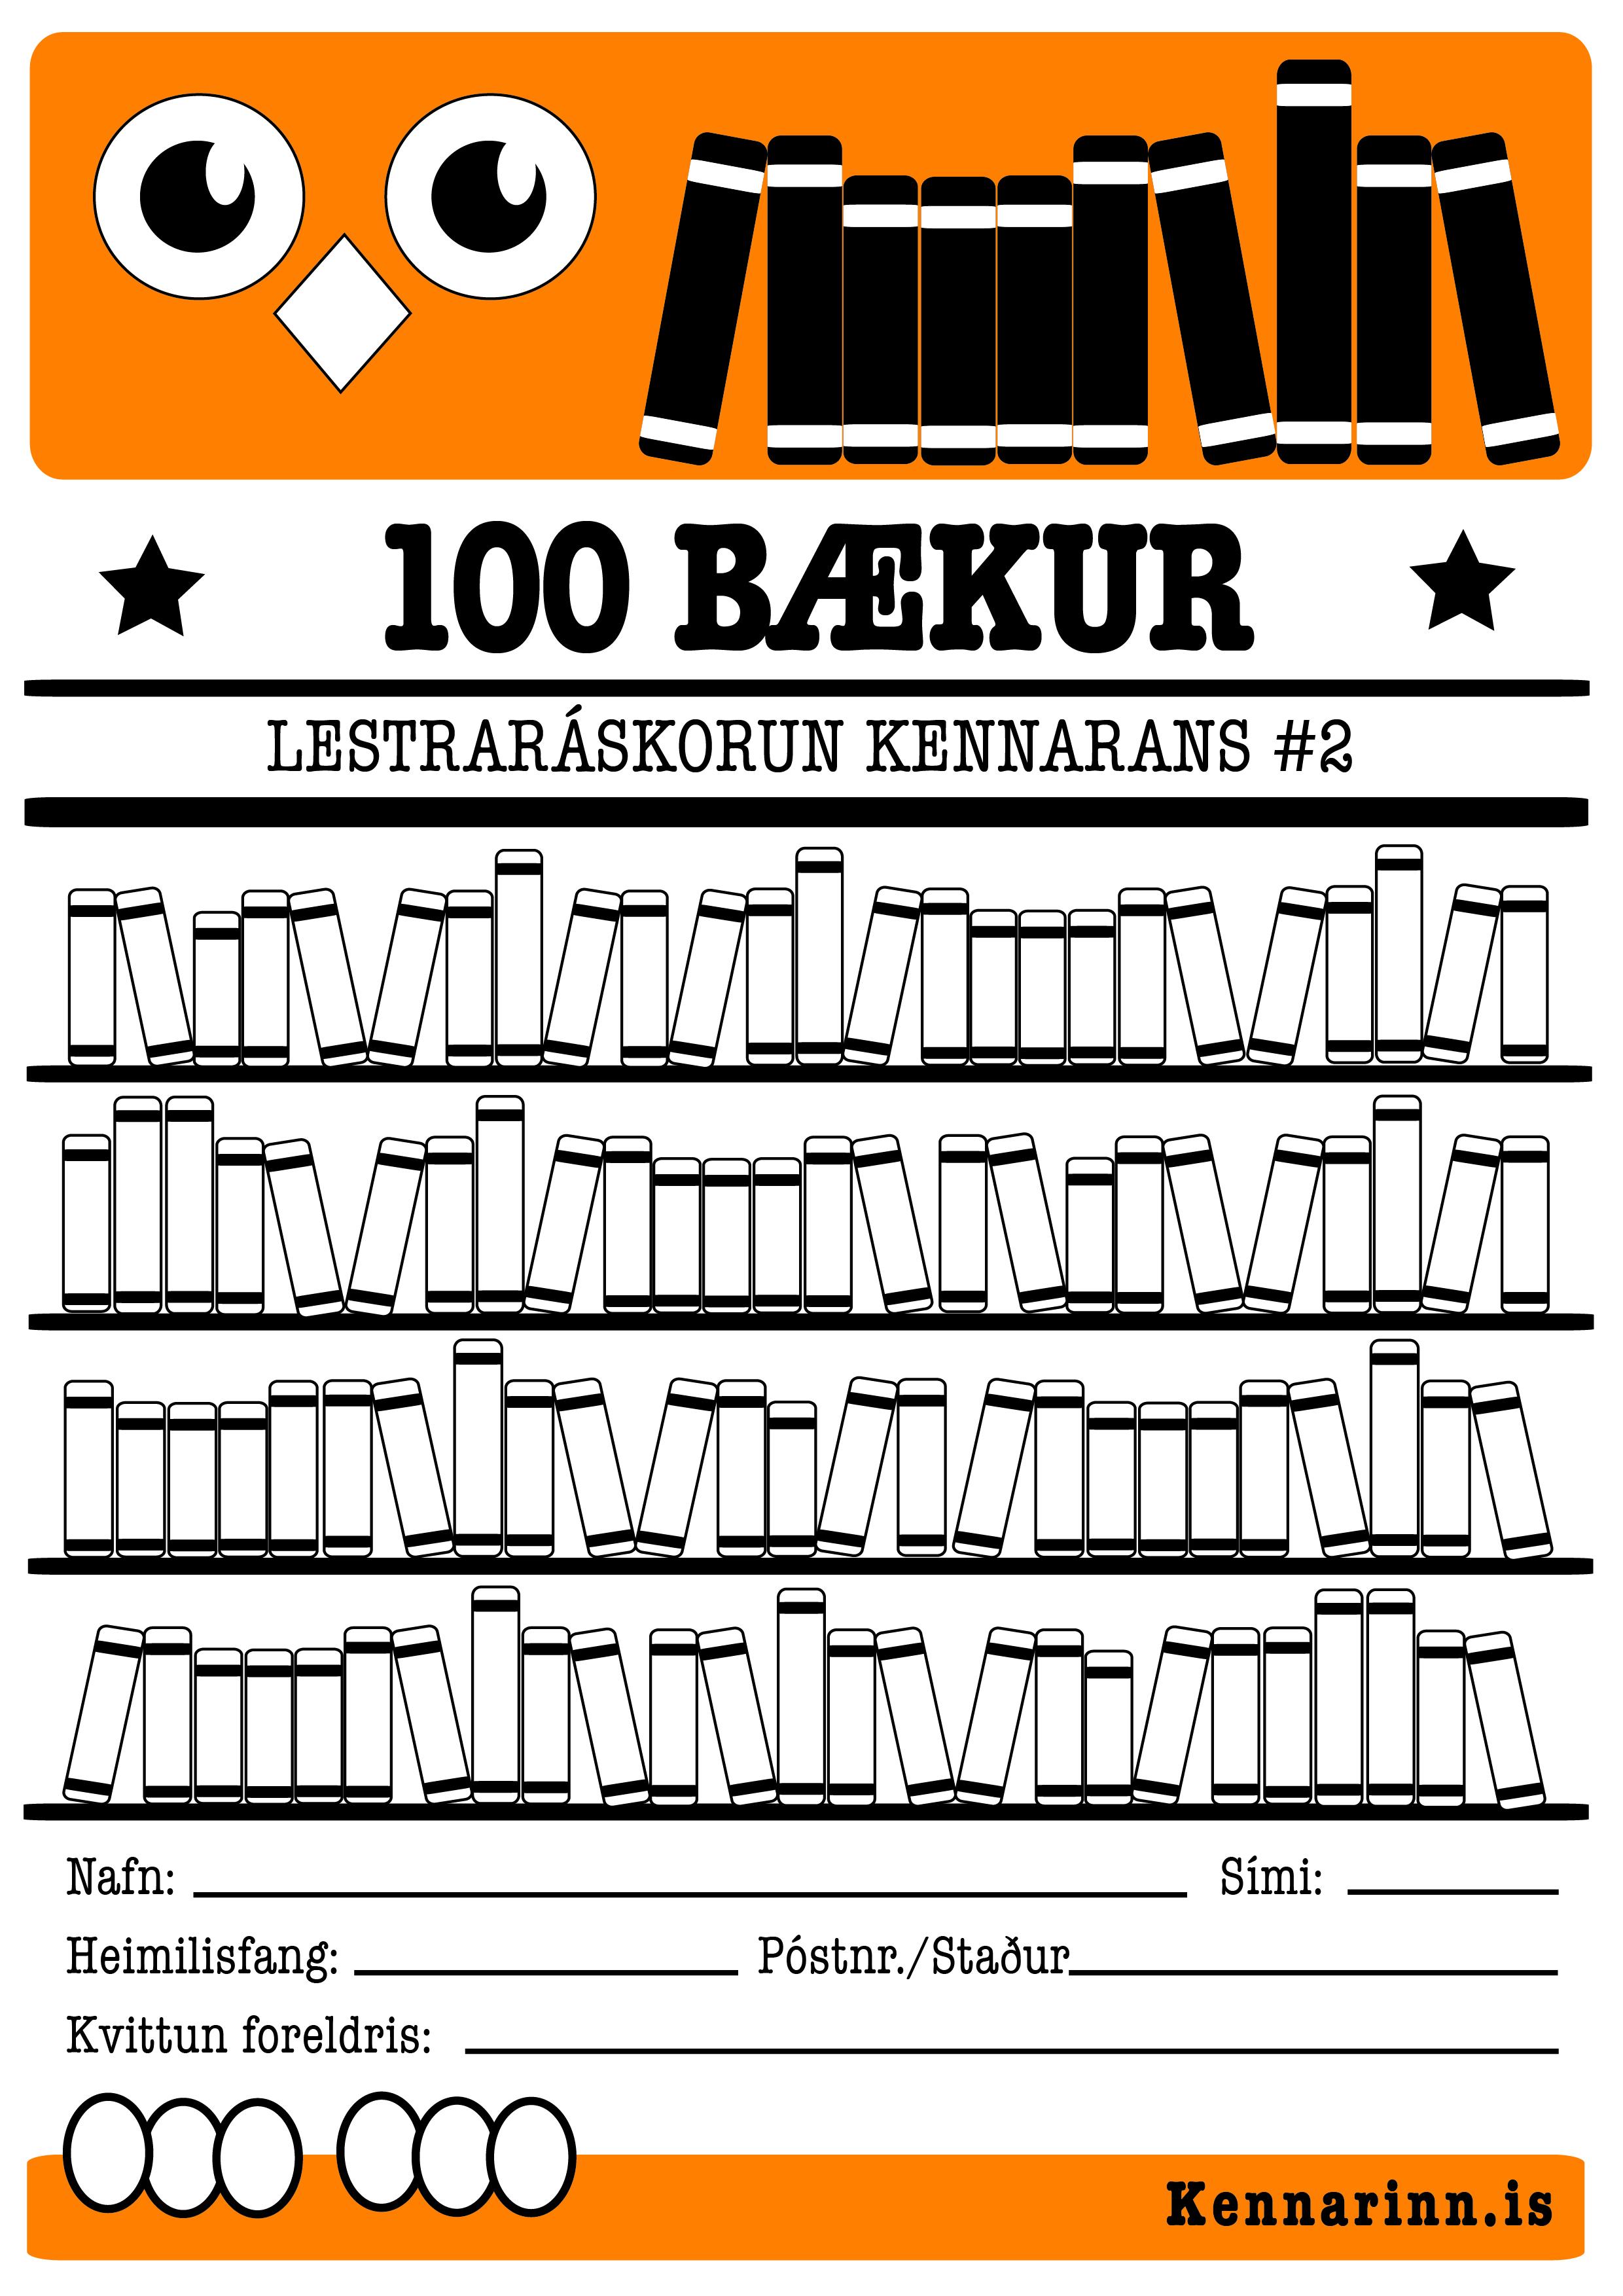 100 bækur